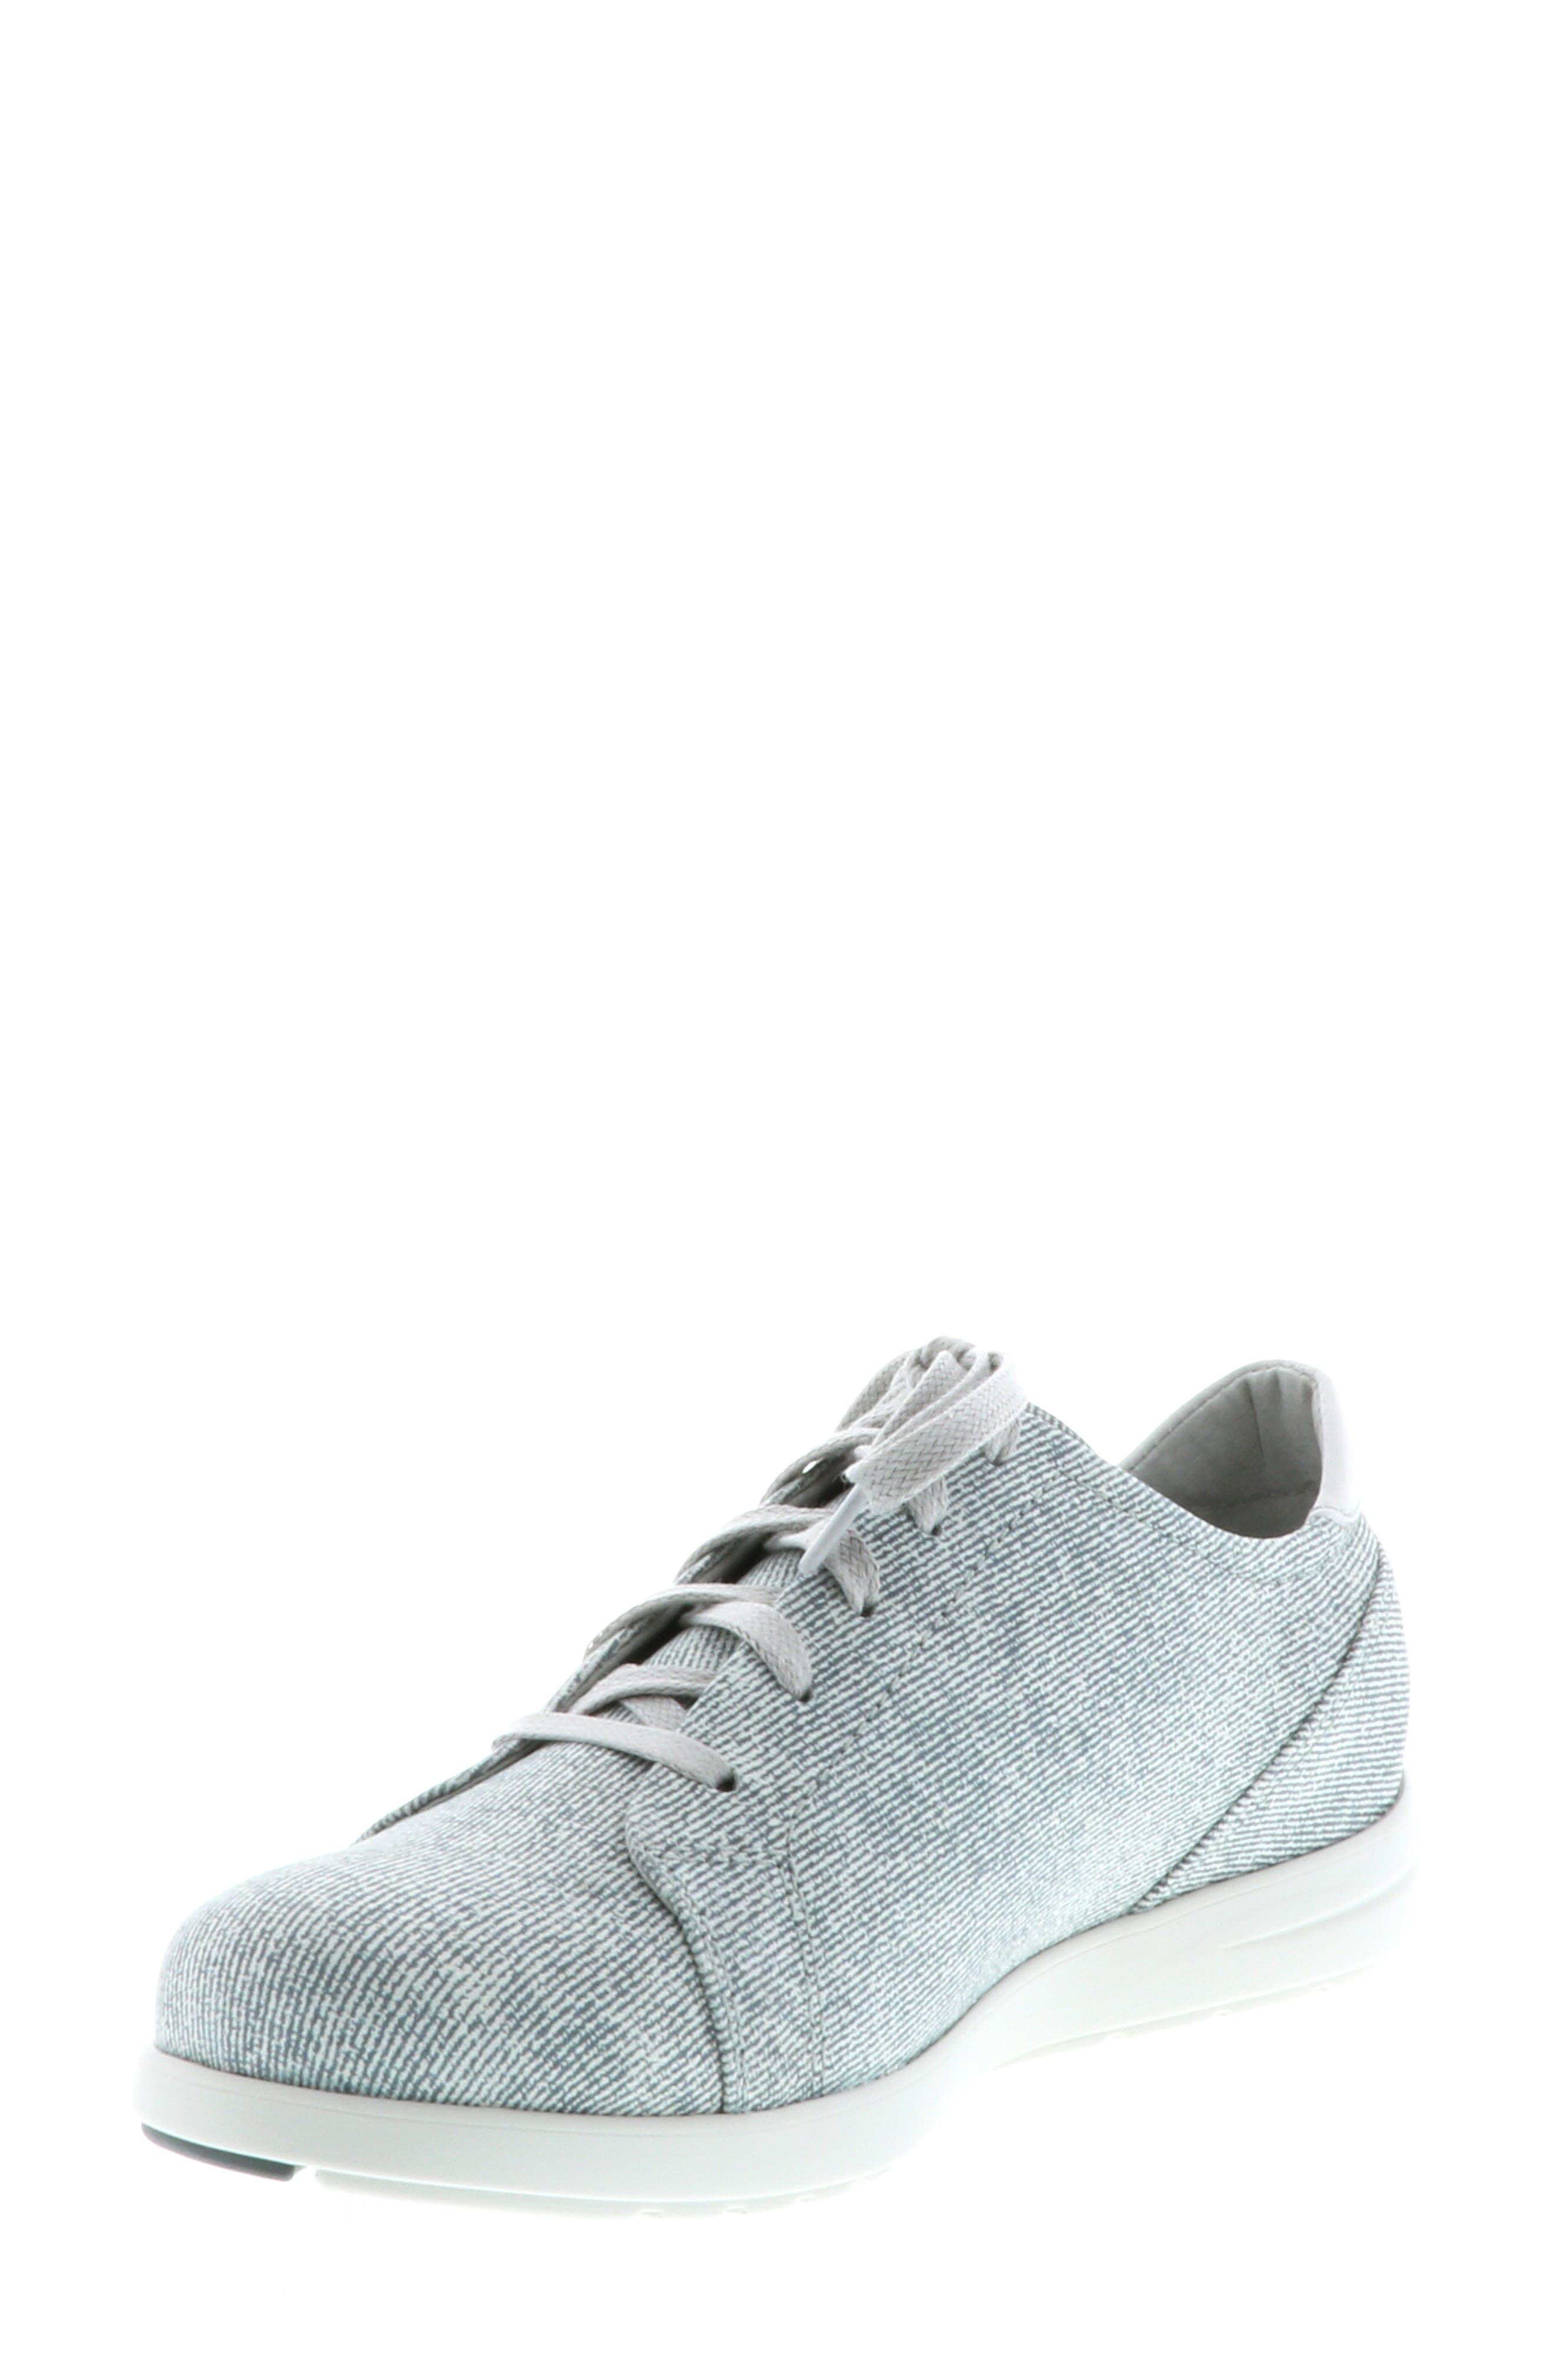 Wolky Kinetic Sneaker - White